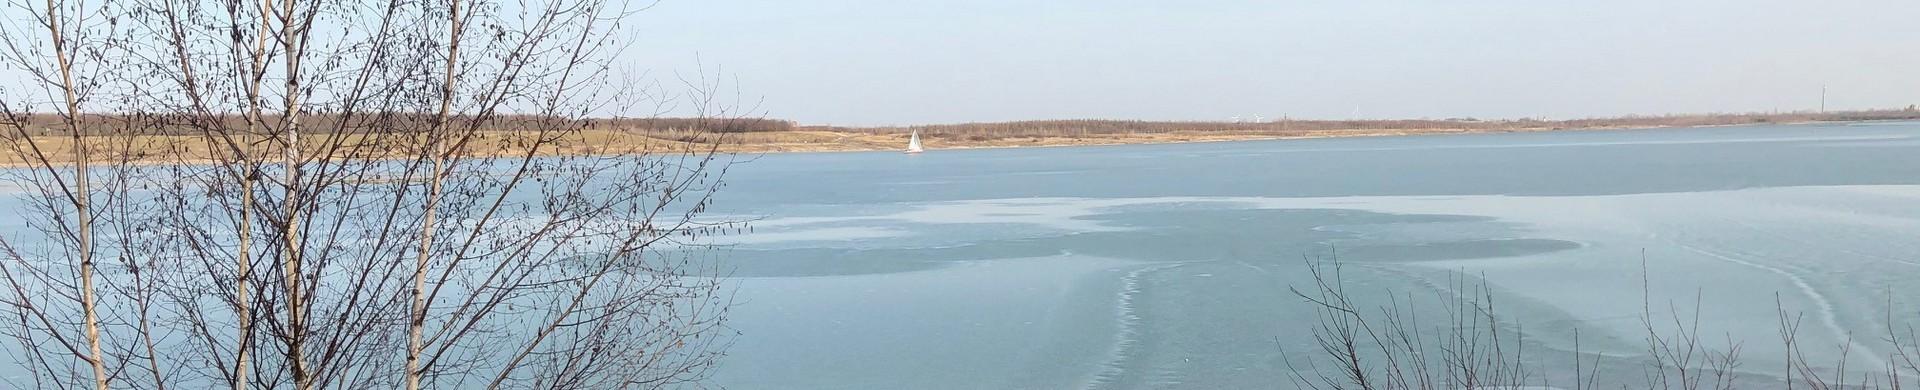 Zwenkau Winter 4 Folgeseite